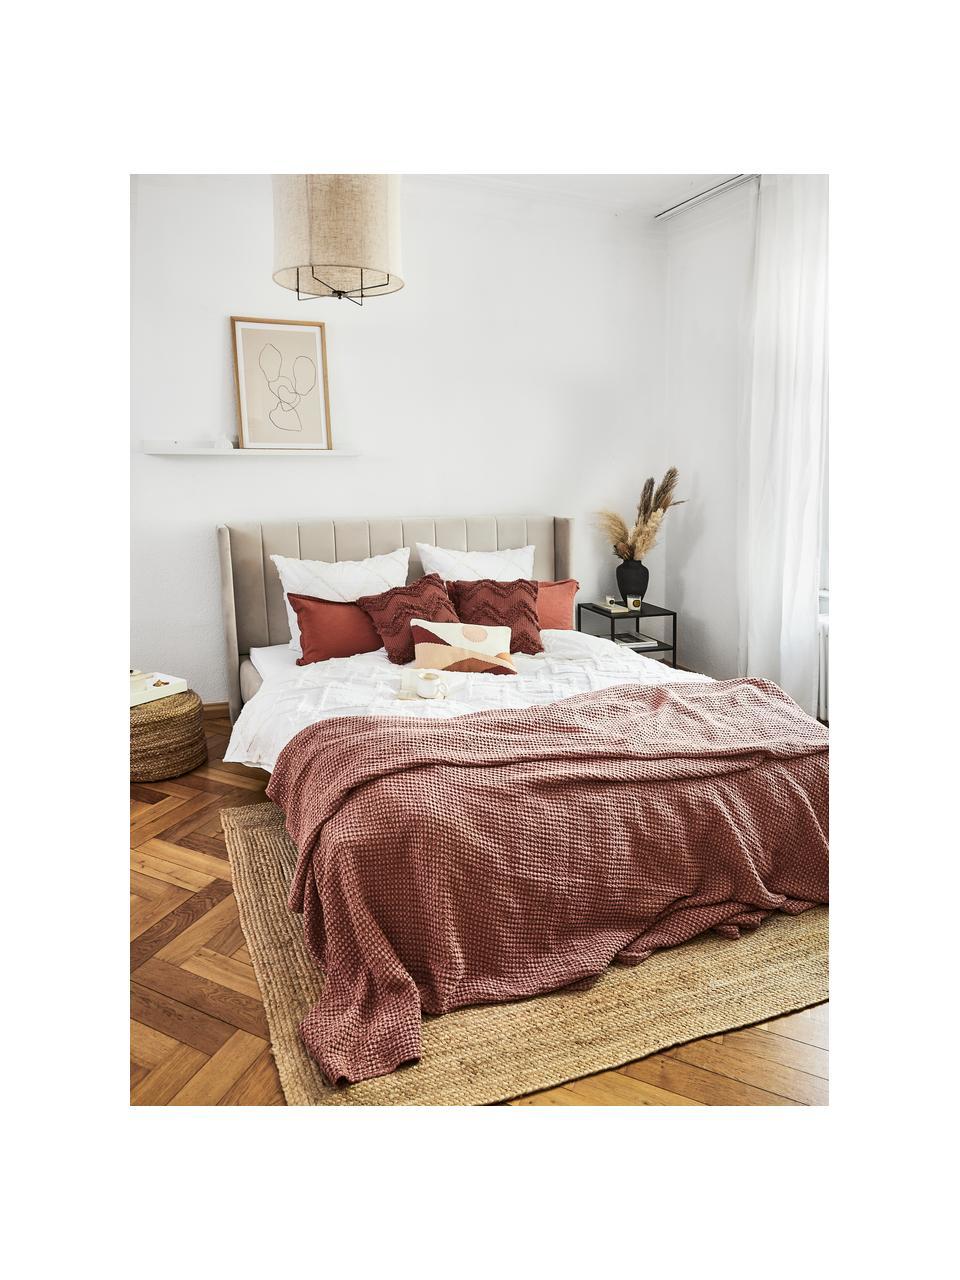 Gestoffeerd bed Dusk in beige, Frame: massief grenenhout en pla, Bekleding: fijn gestructureerde gewe, Poten: gepoedercoat metaal, Geweven stof donker beige, 200 x 200 cm